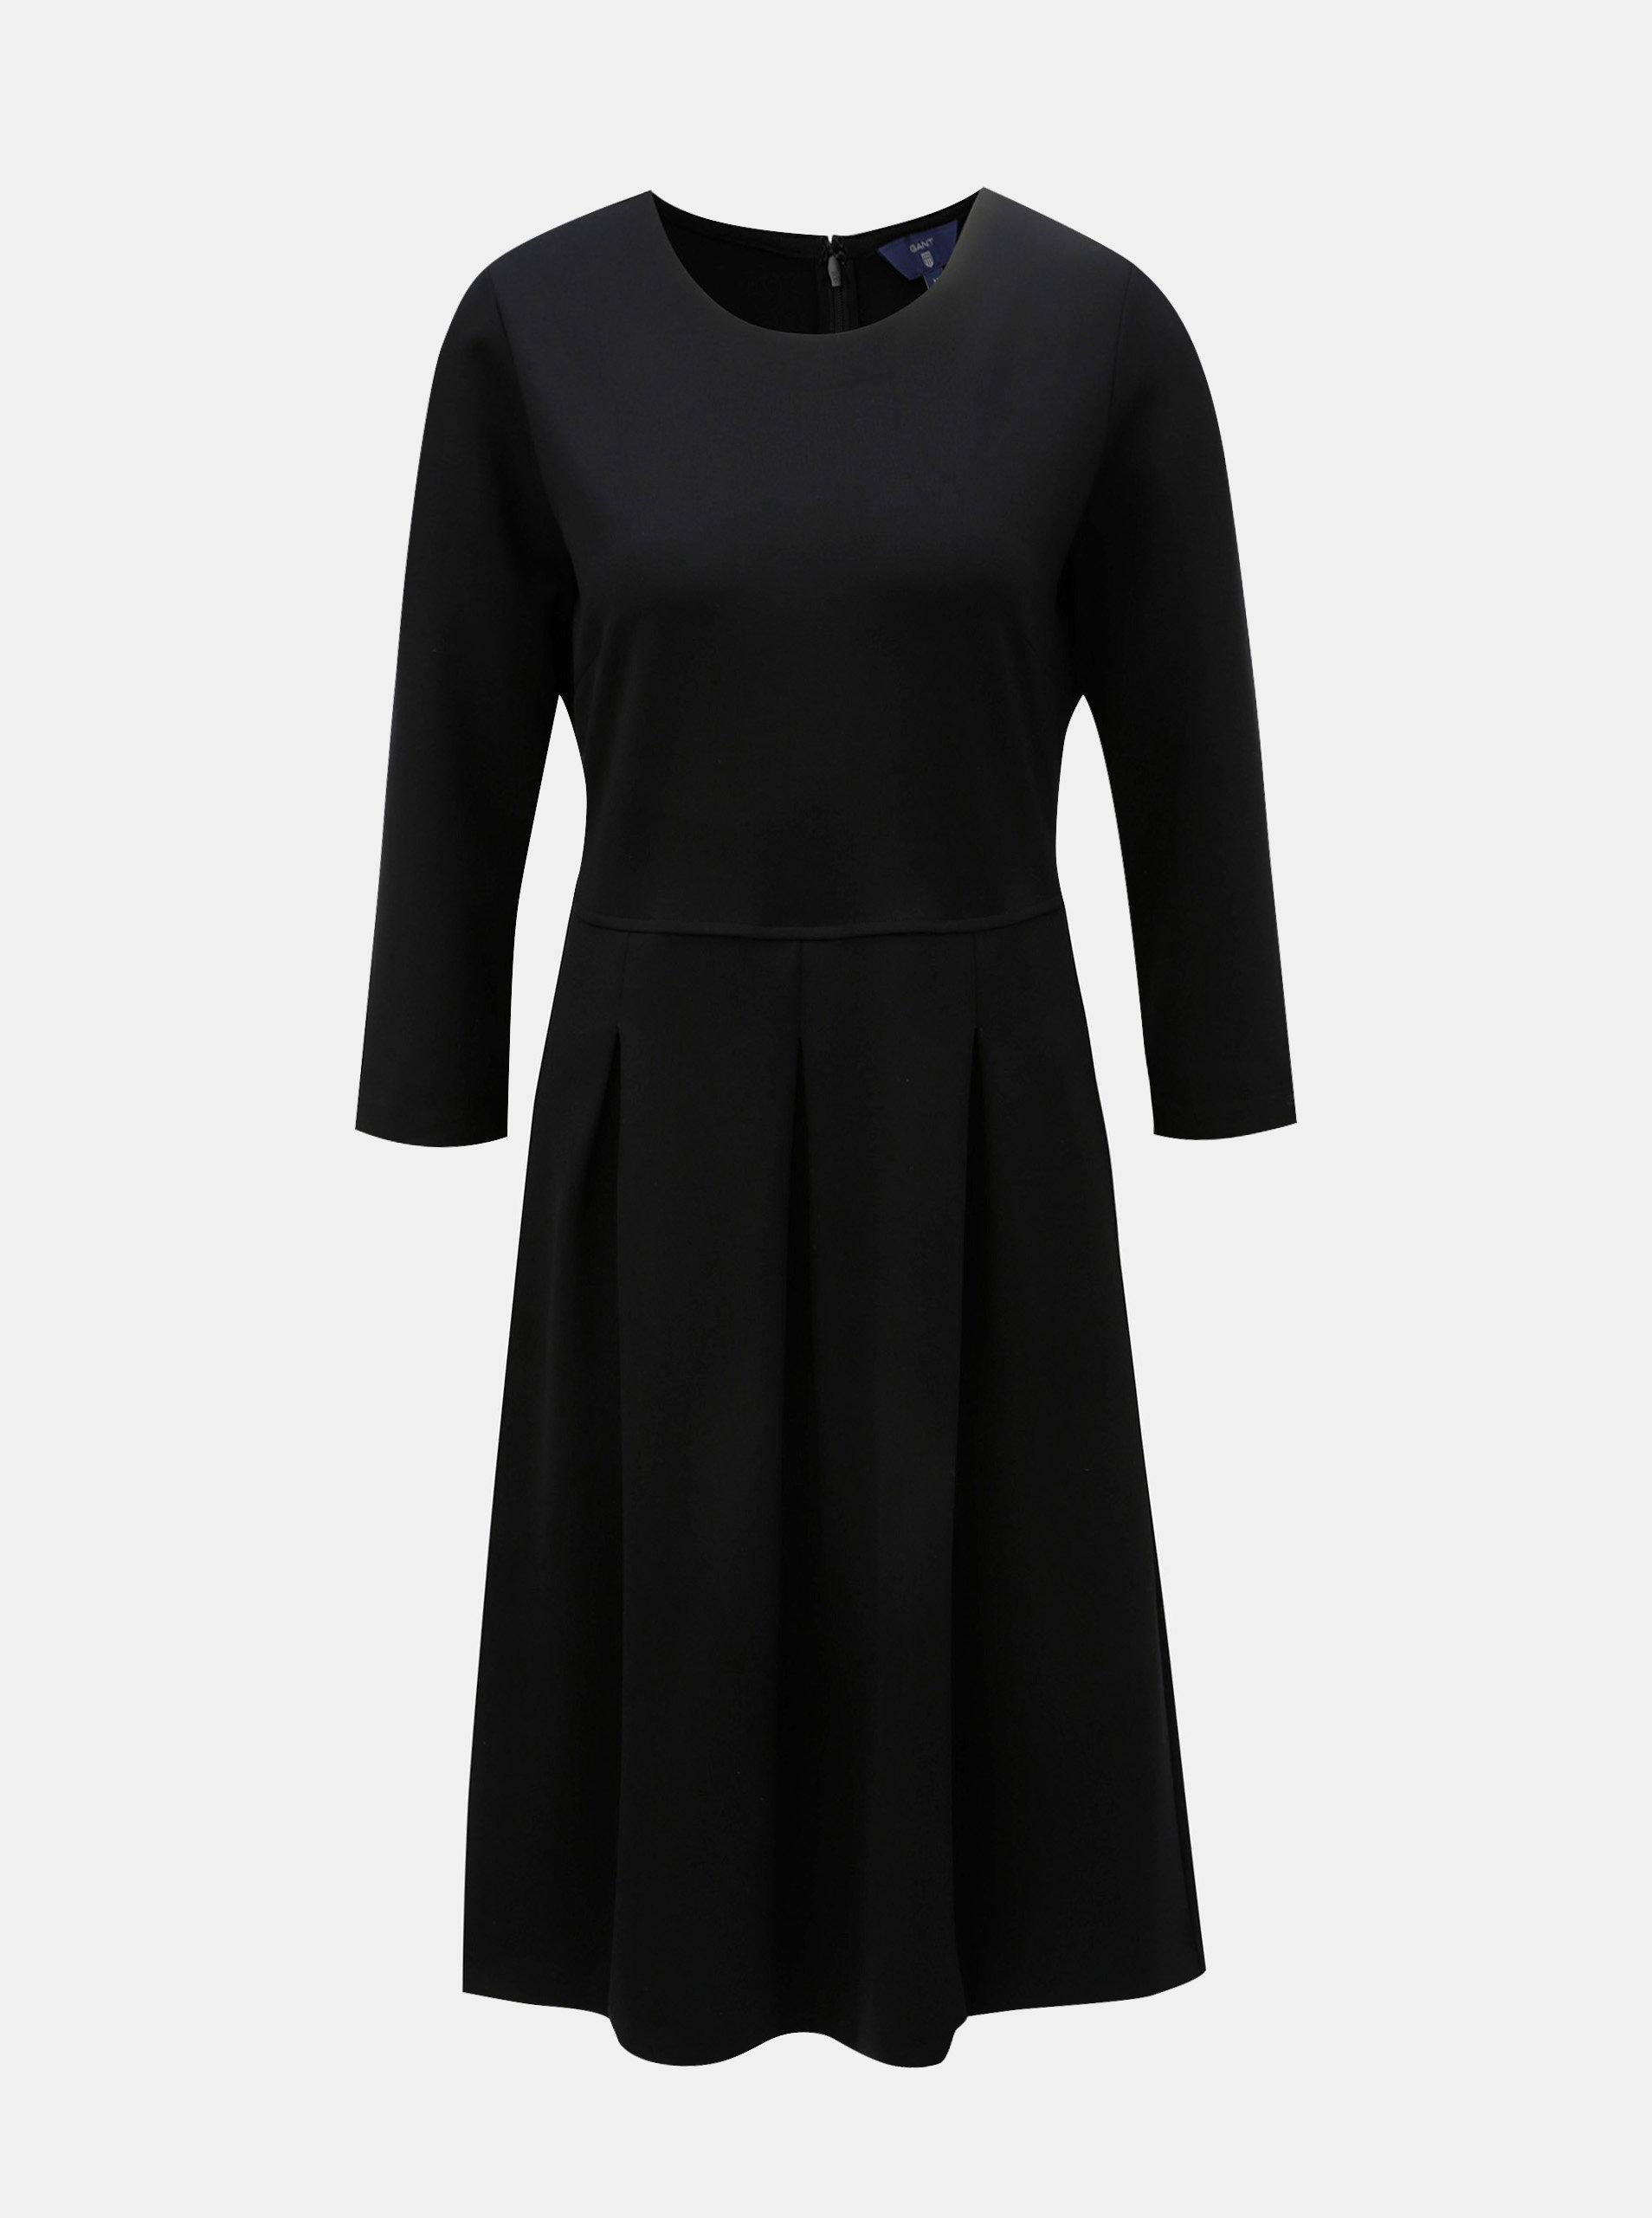 63e9c52be1c9 Čierne áčkové šaty s 3 4 rukávom GANT ...